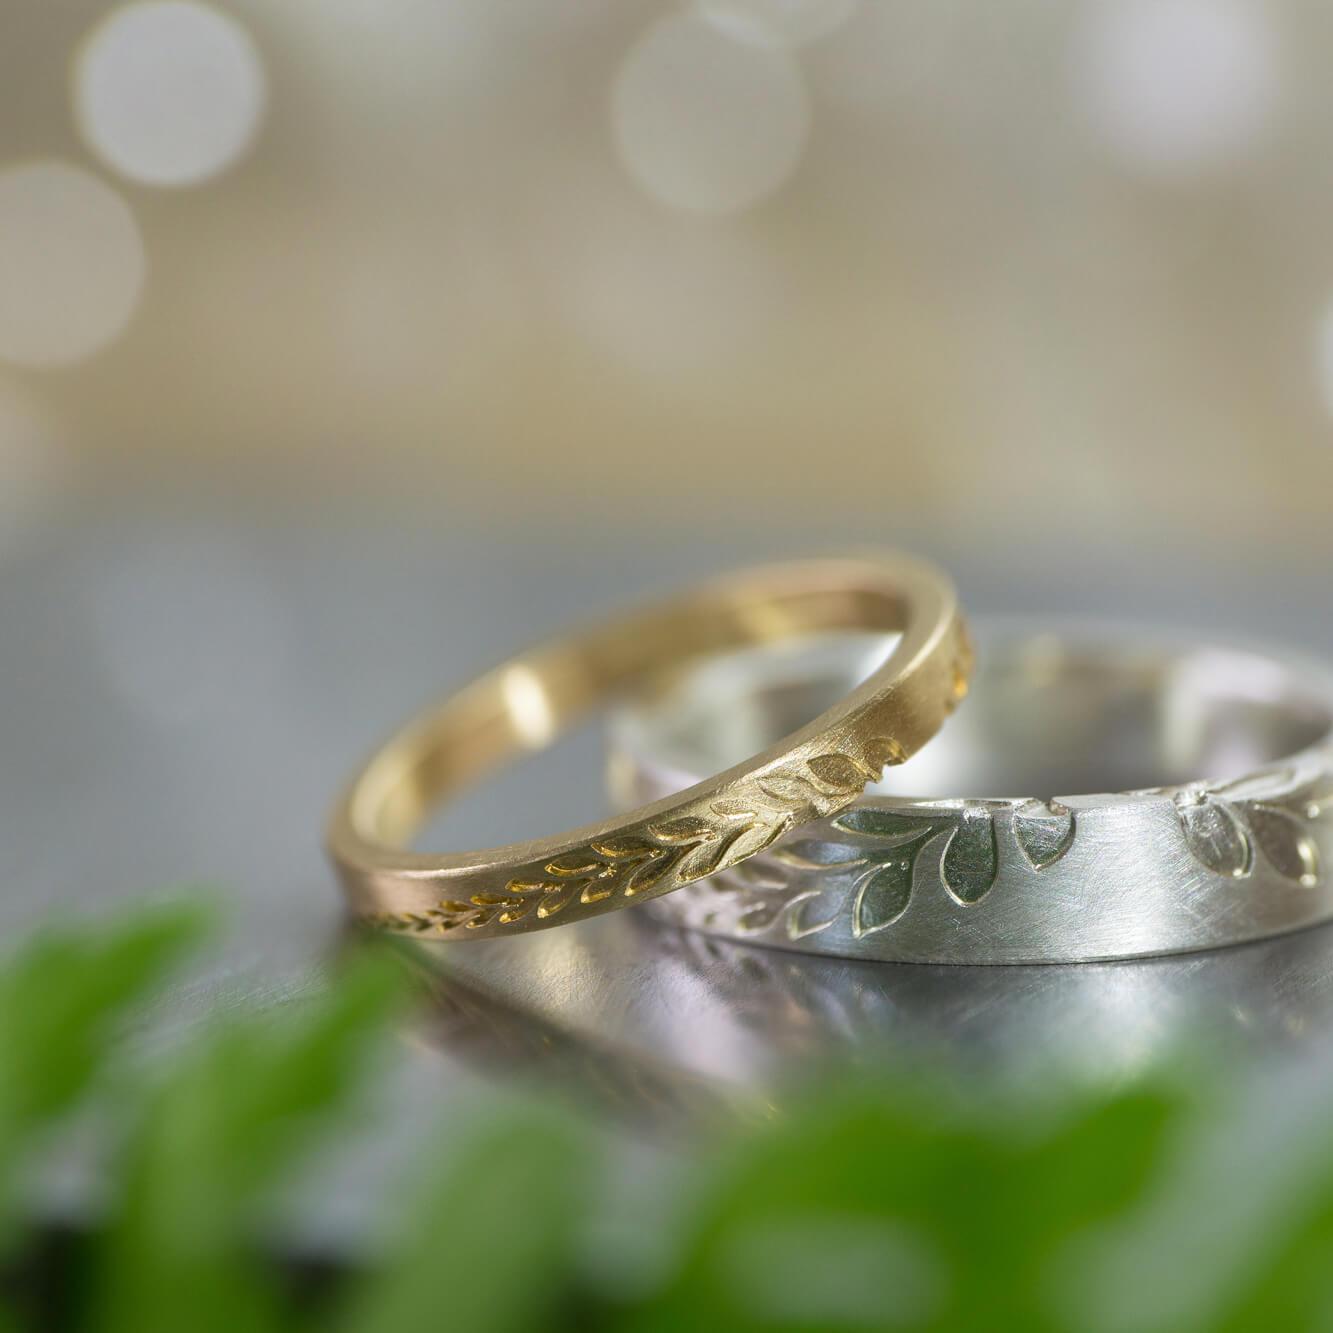 オーダーメイドマリッジリング、 屋久島のシダモチーフ ゴールド、シルバー ジュエリーのアトリエ 手に持って 屋久島でつくる結婚指輪